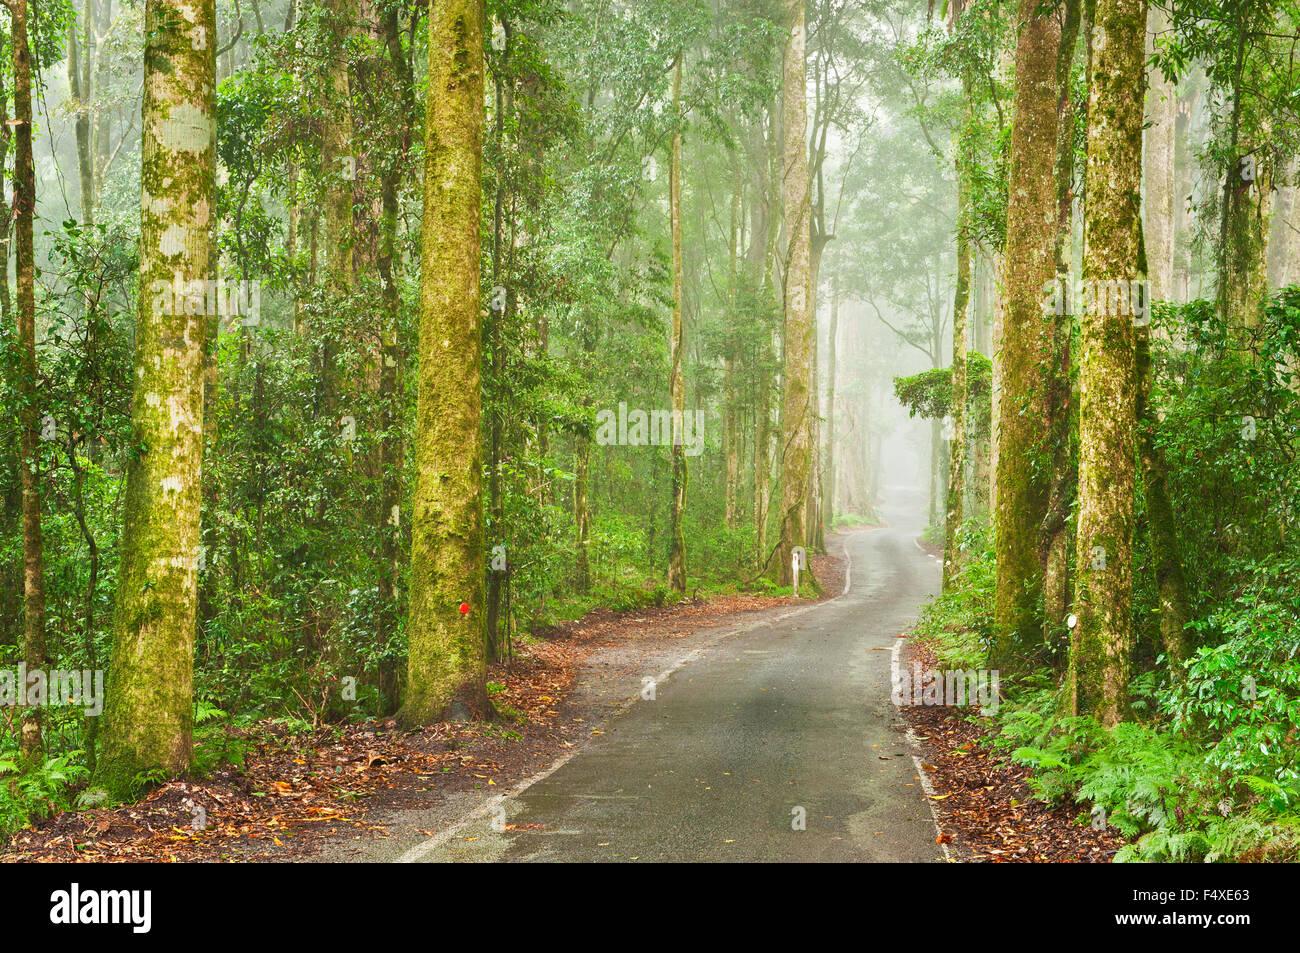 Schmale Straße durch dichten Regenwald. Stockbild